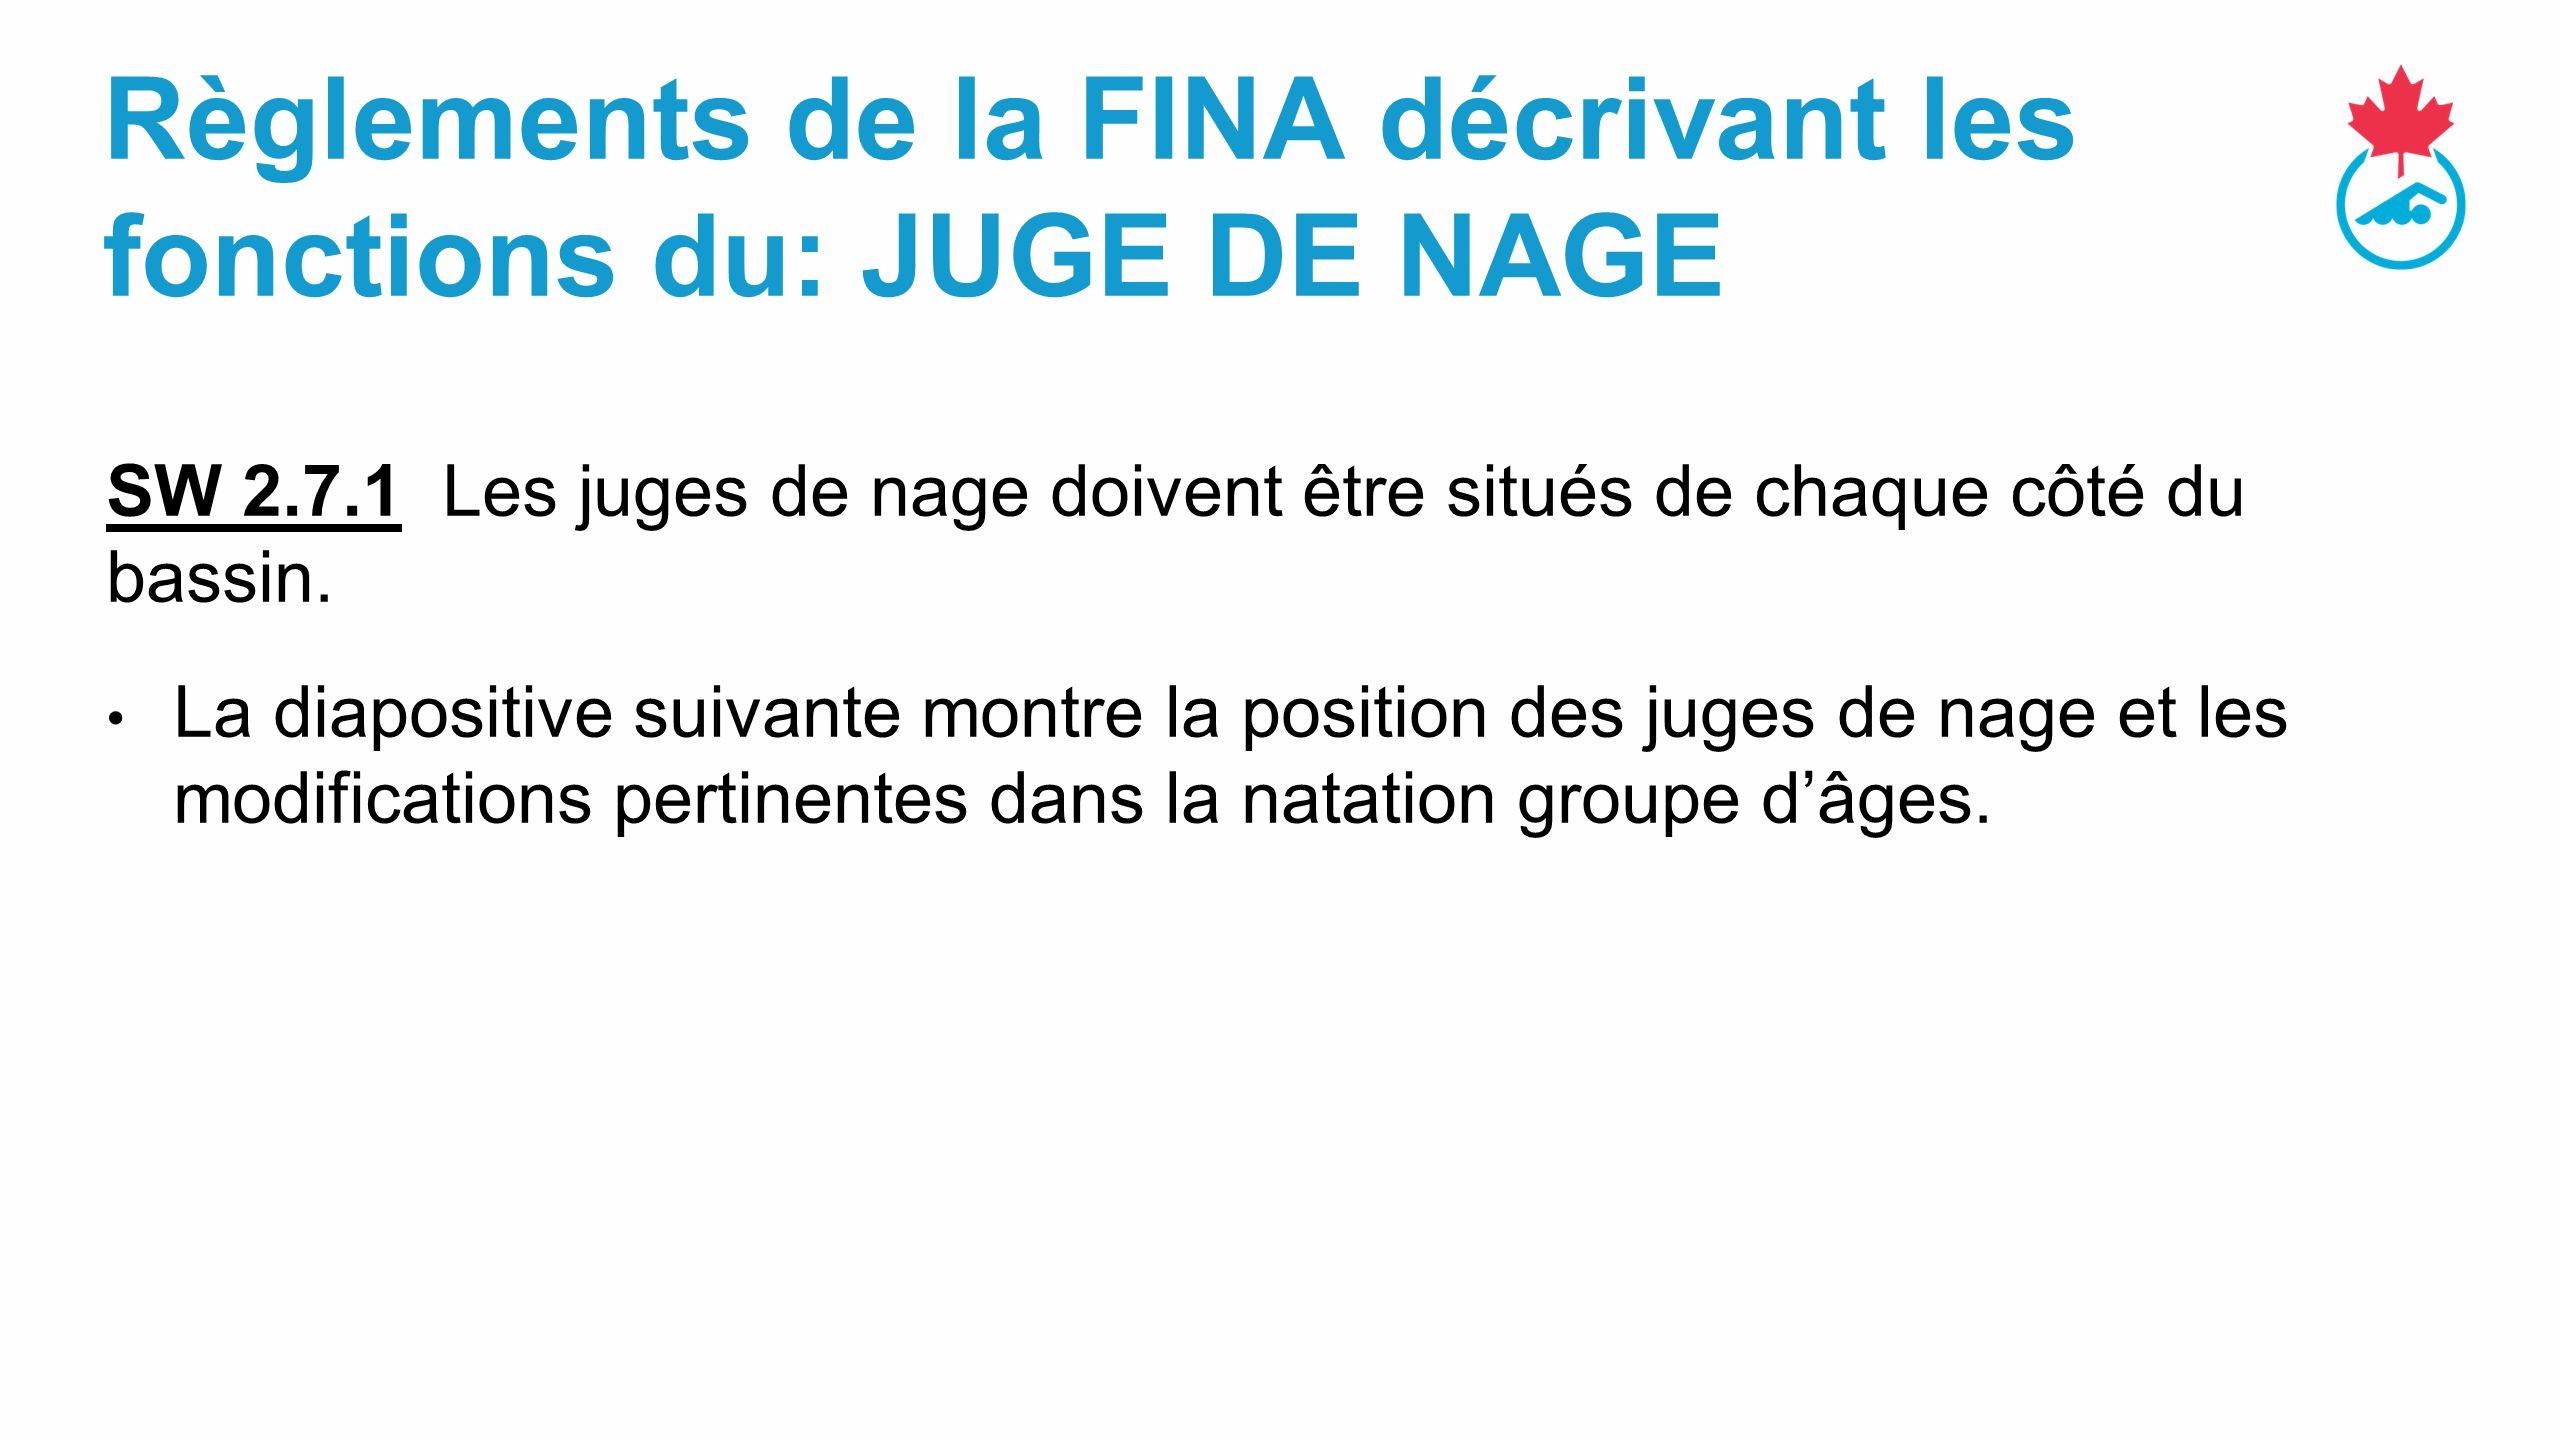 Règlements de la FINA décrivant les fonctions du: JUGE DE NAGE